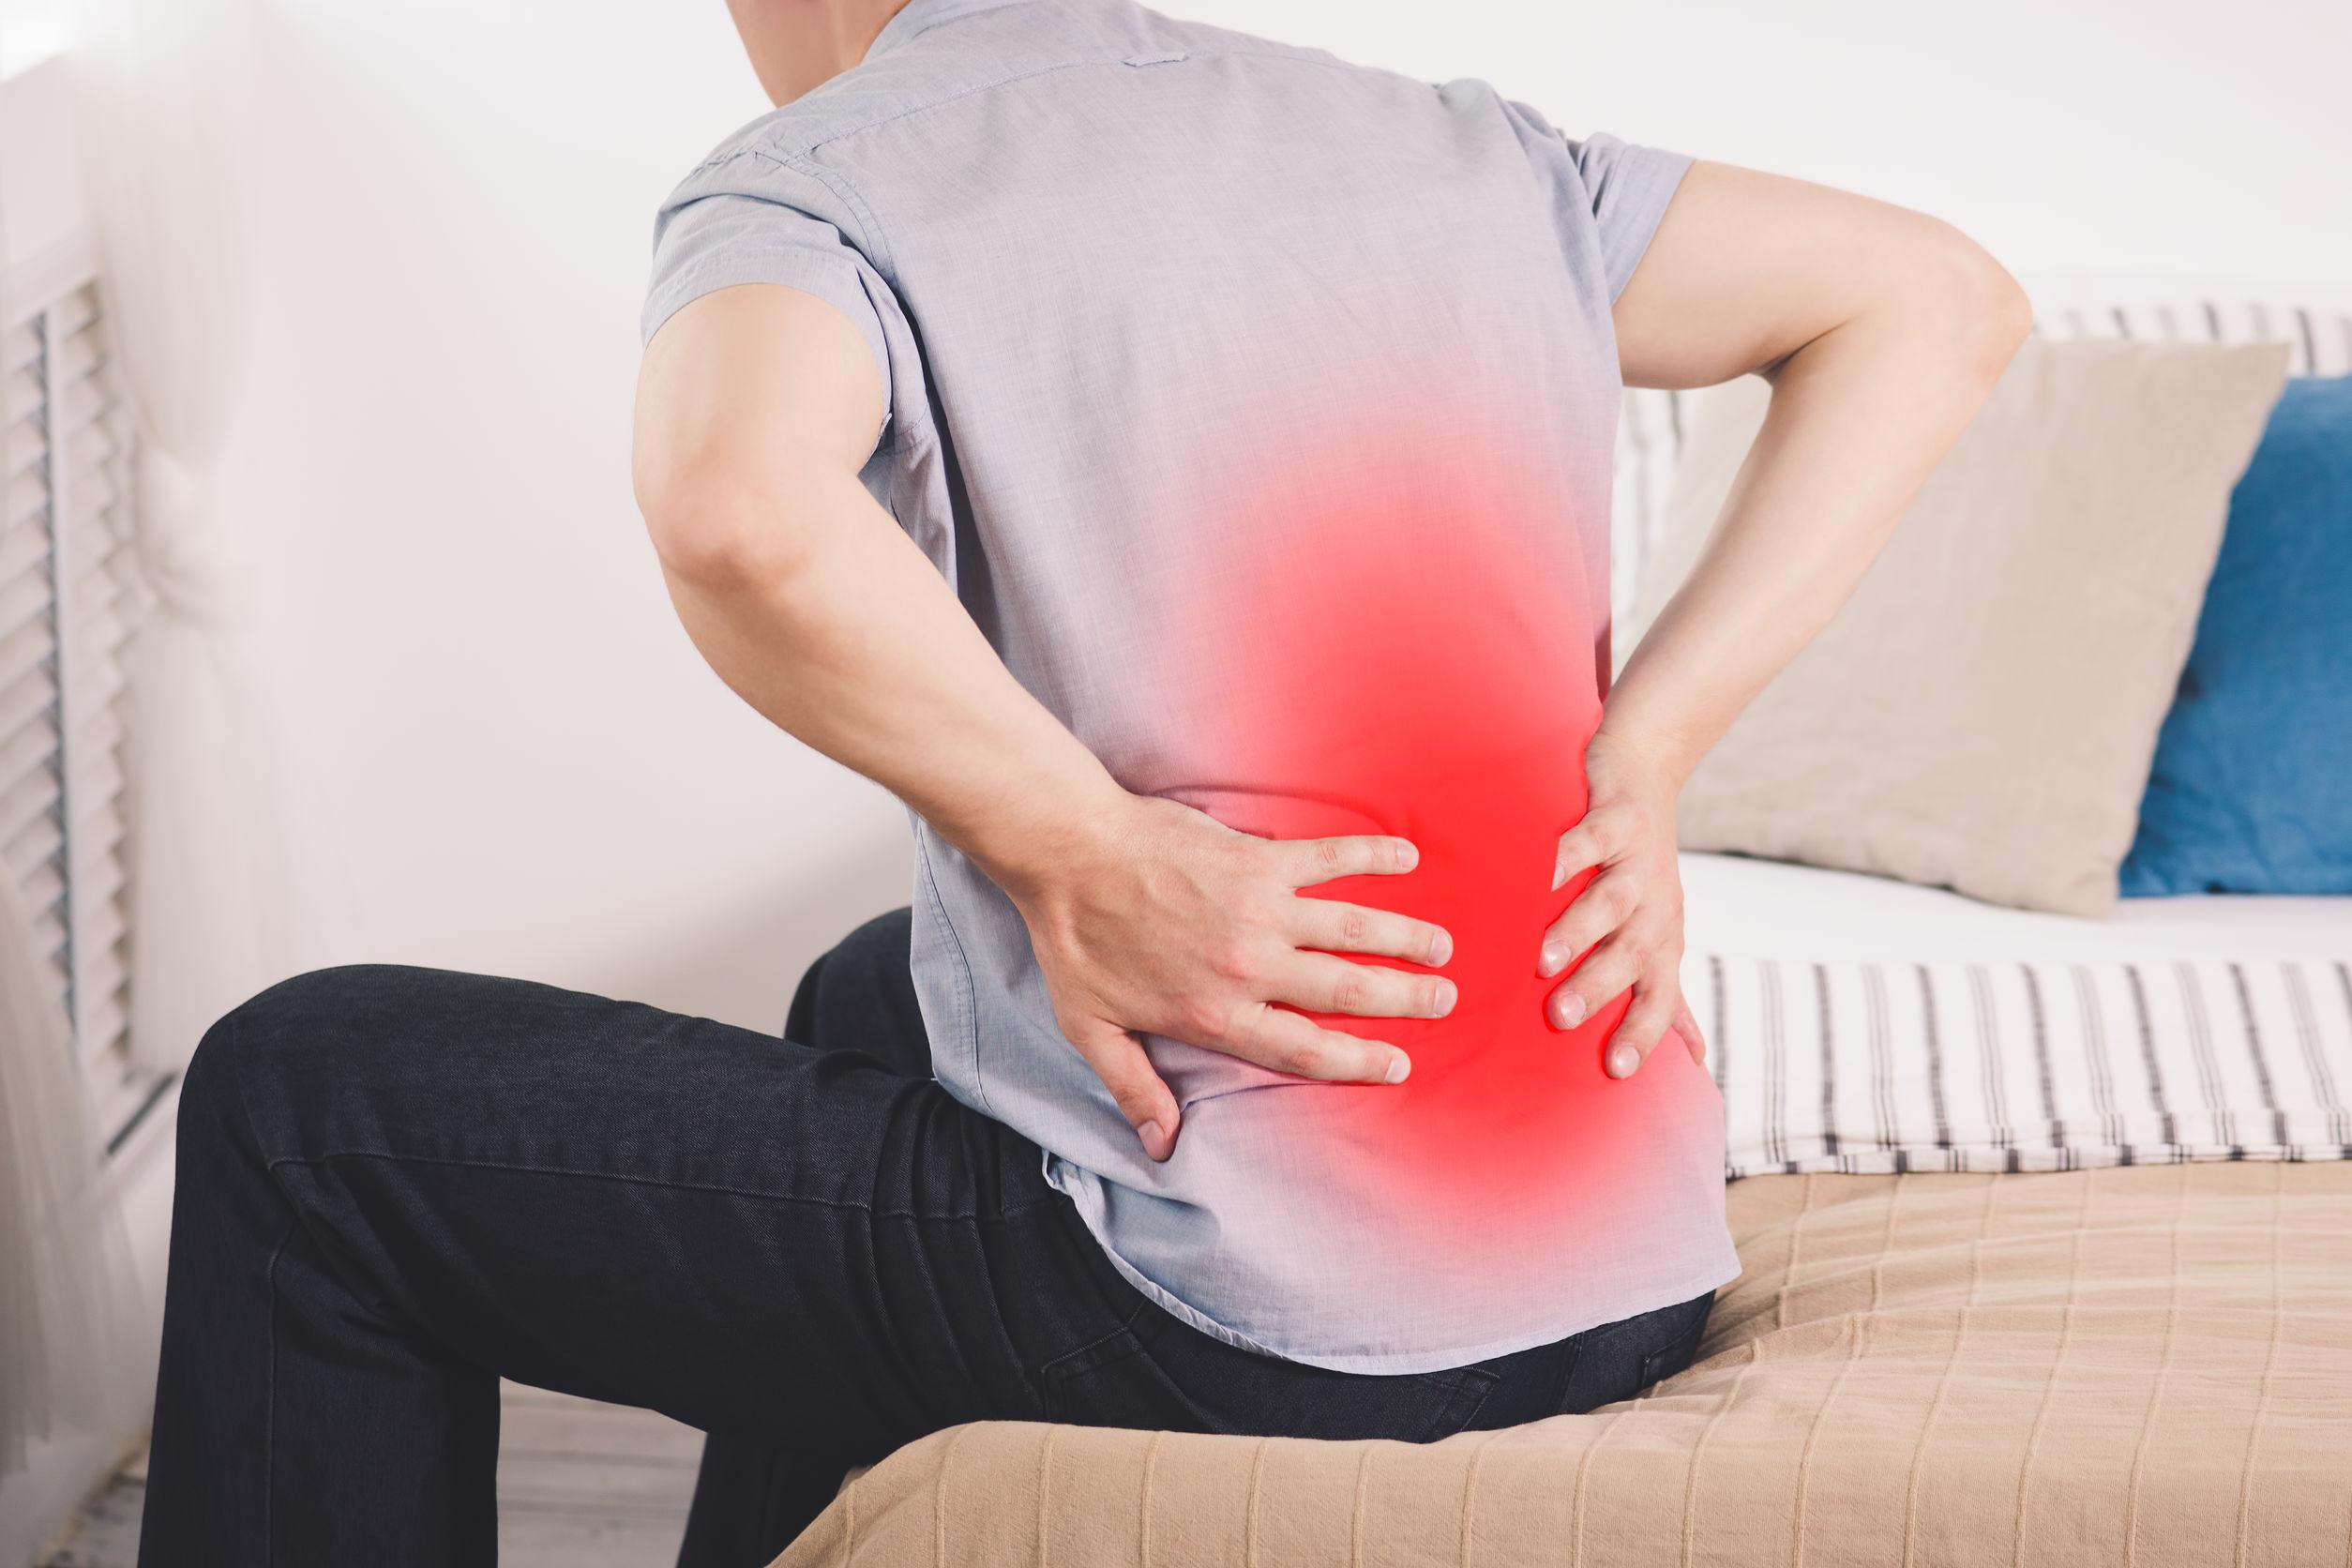 dolor en espalda baja